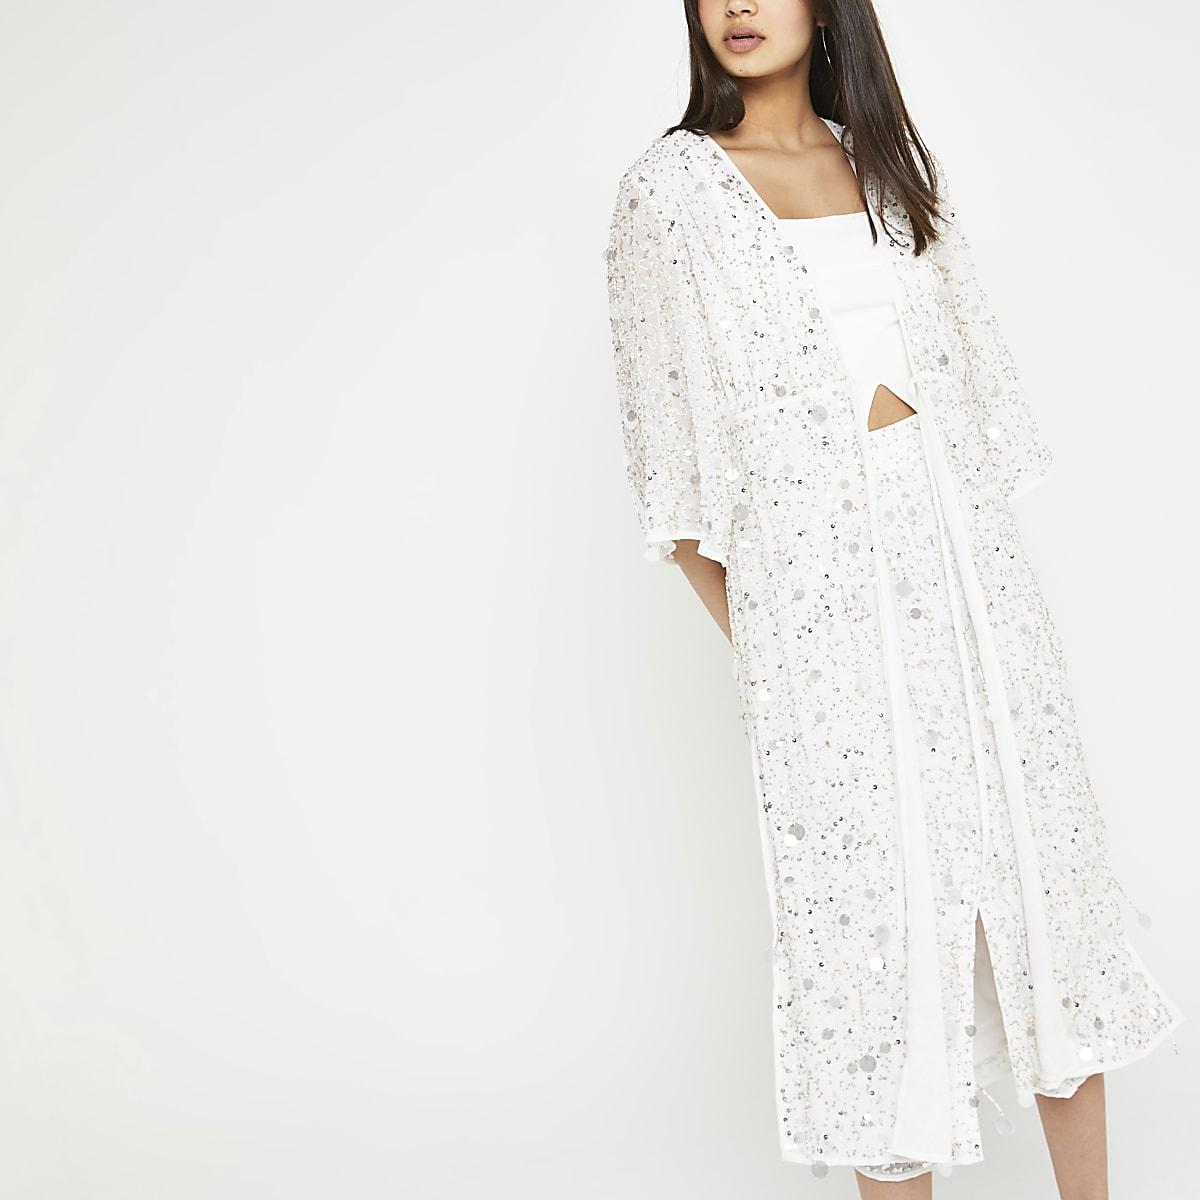 e9a28dfe0 White sequin embellished kimono - Kimonos - Tops - women